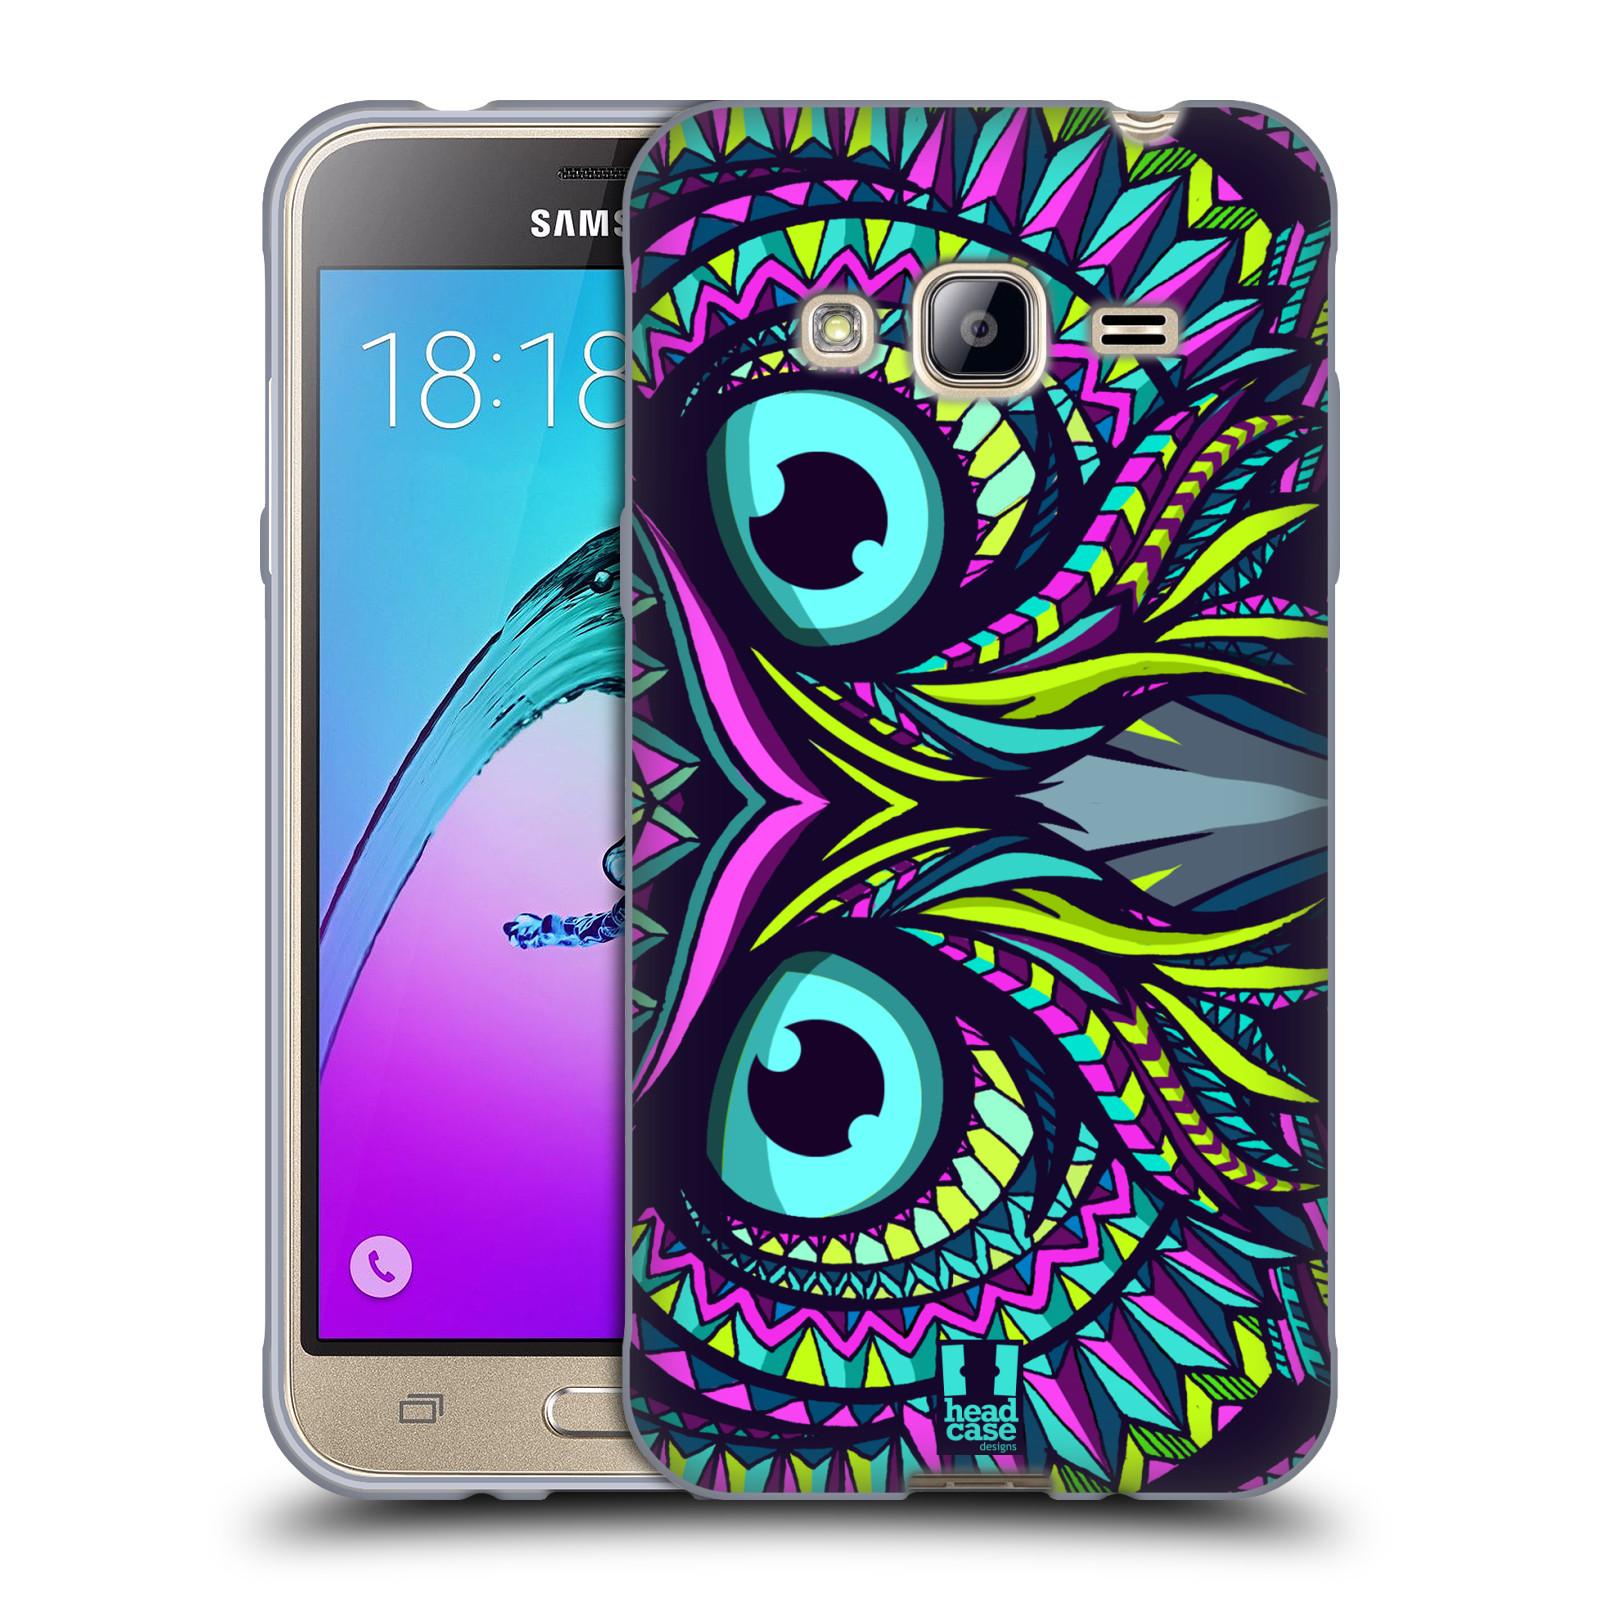 Silikonové pouzdro na mobil Samsung Galaxy J3 (2016) HEAD CASE AZTEC SOVA